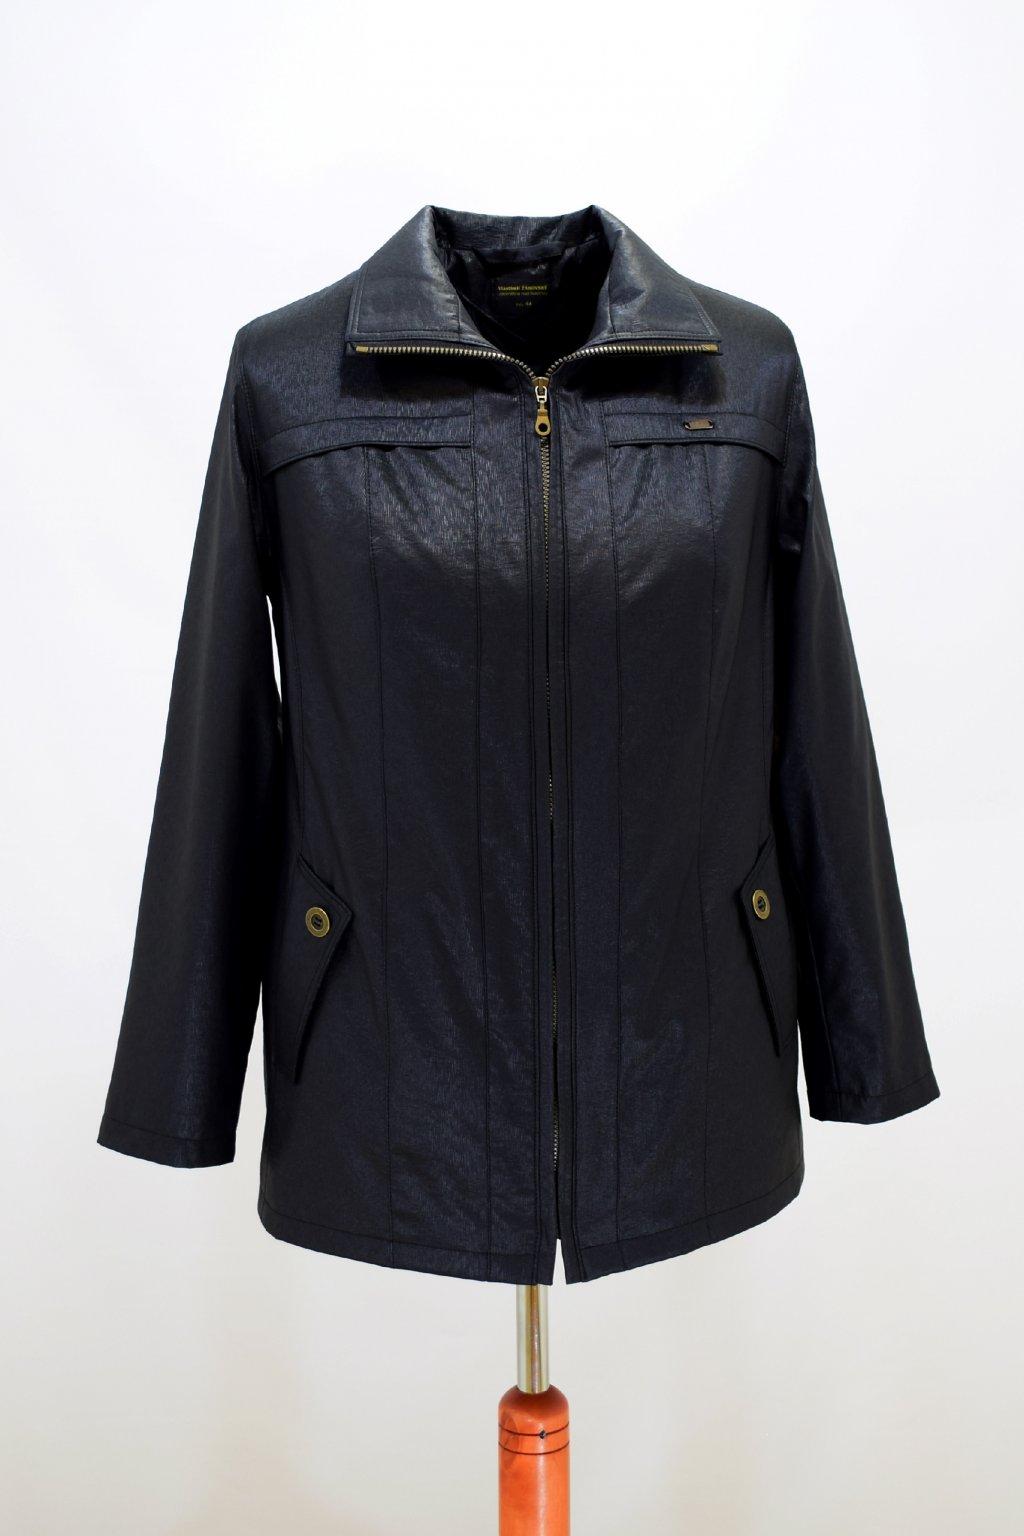 Dámská černá jarní bunda Raduza nadměrné velikosti.